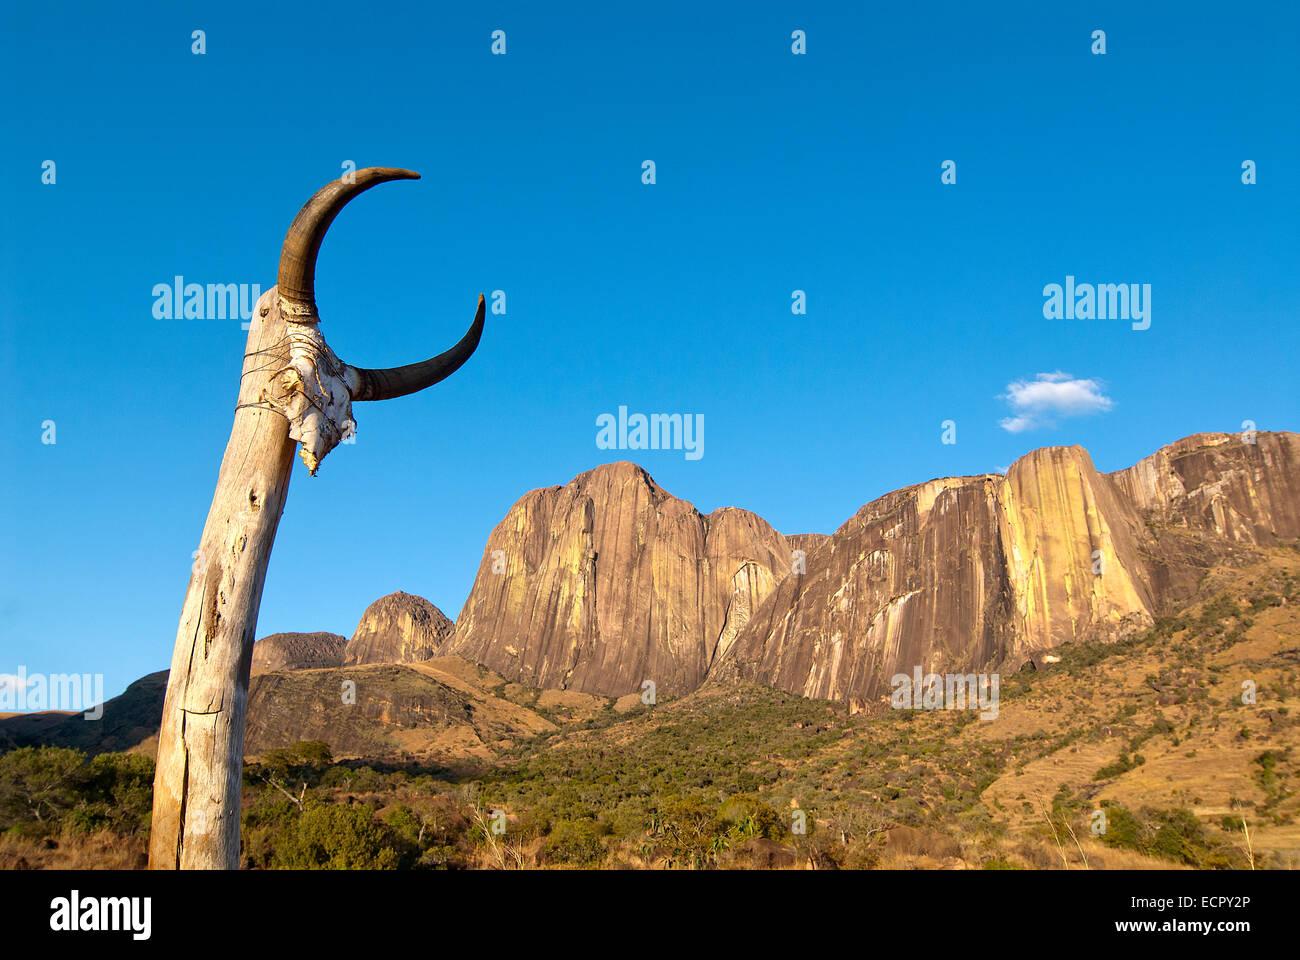 Simbolismo culturale negli altopiani centrali del Madagascar. Immagini Stock